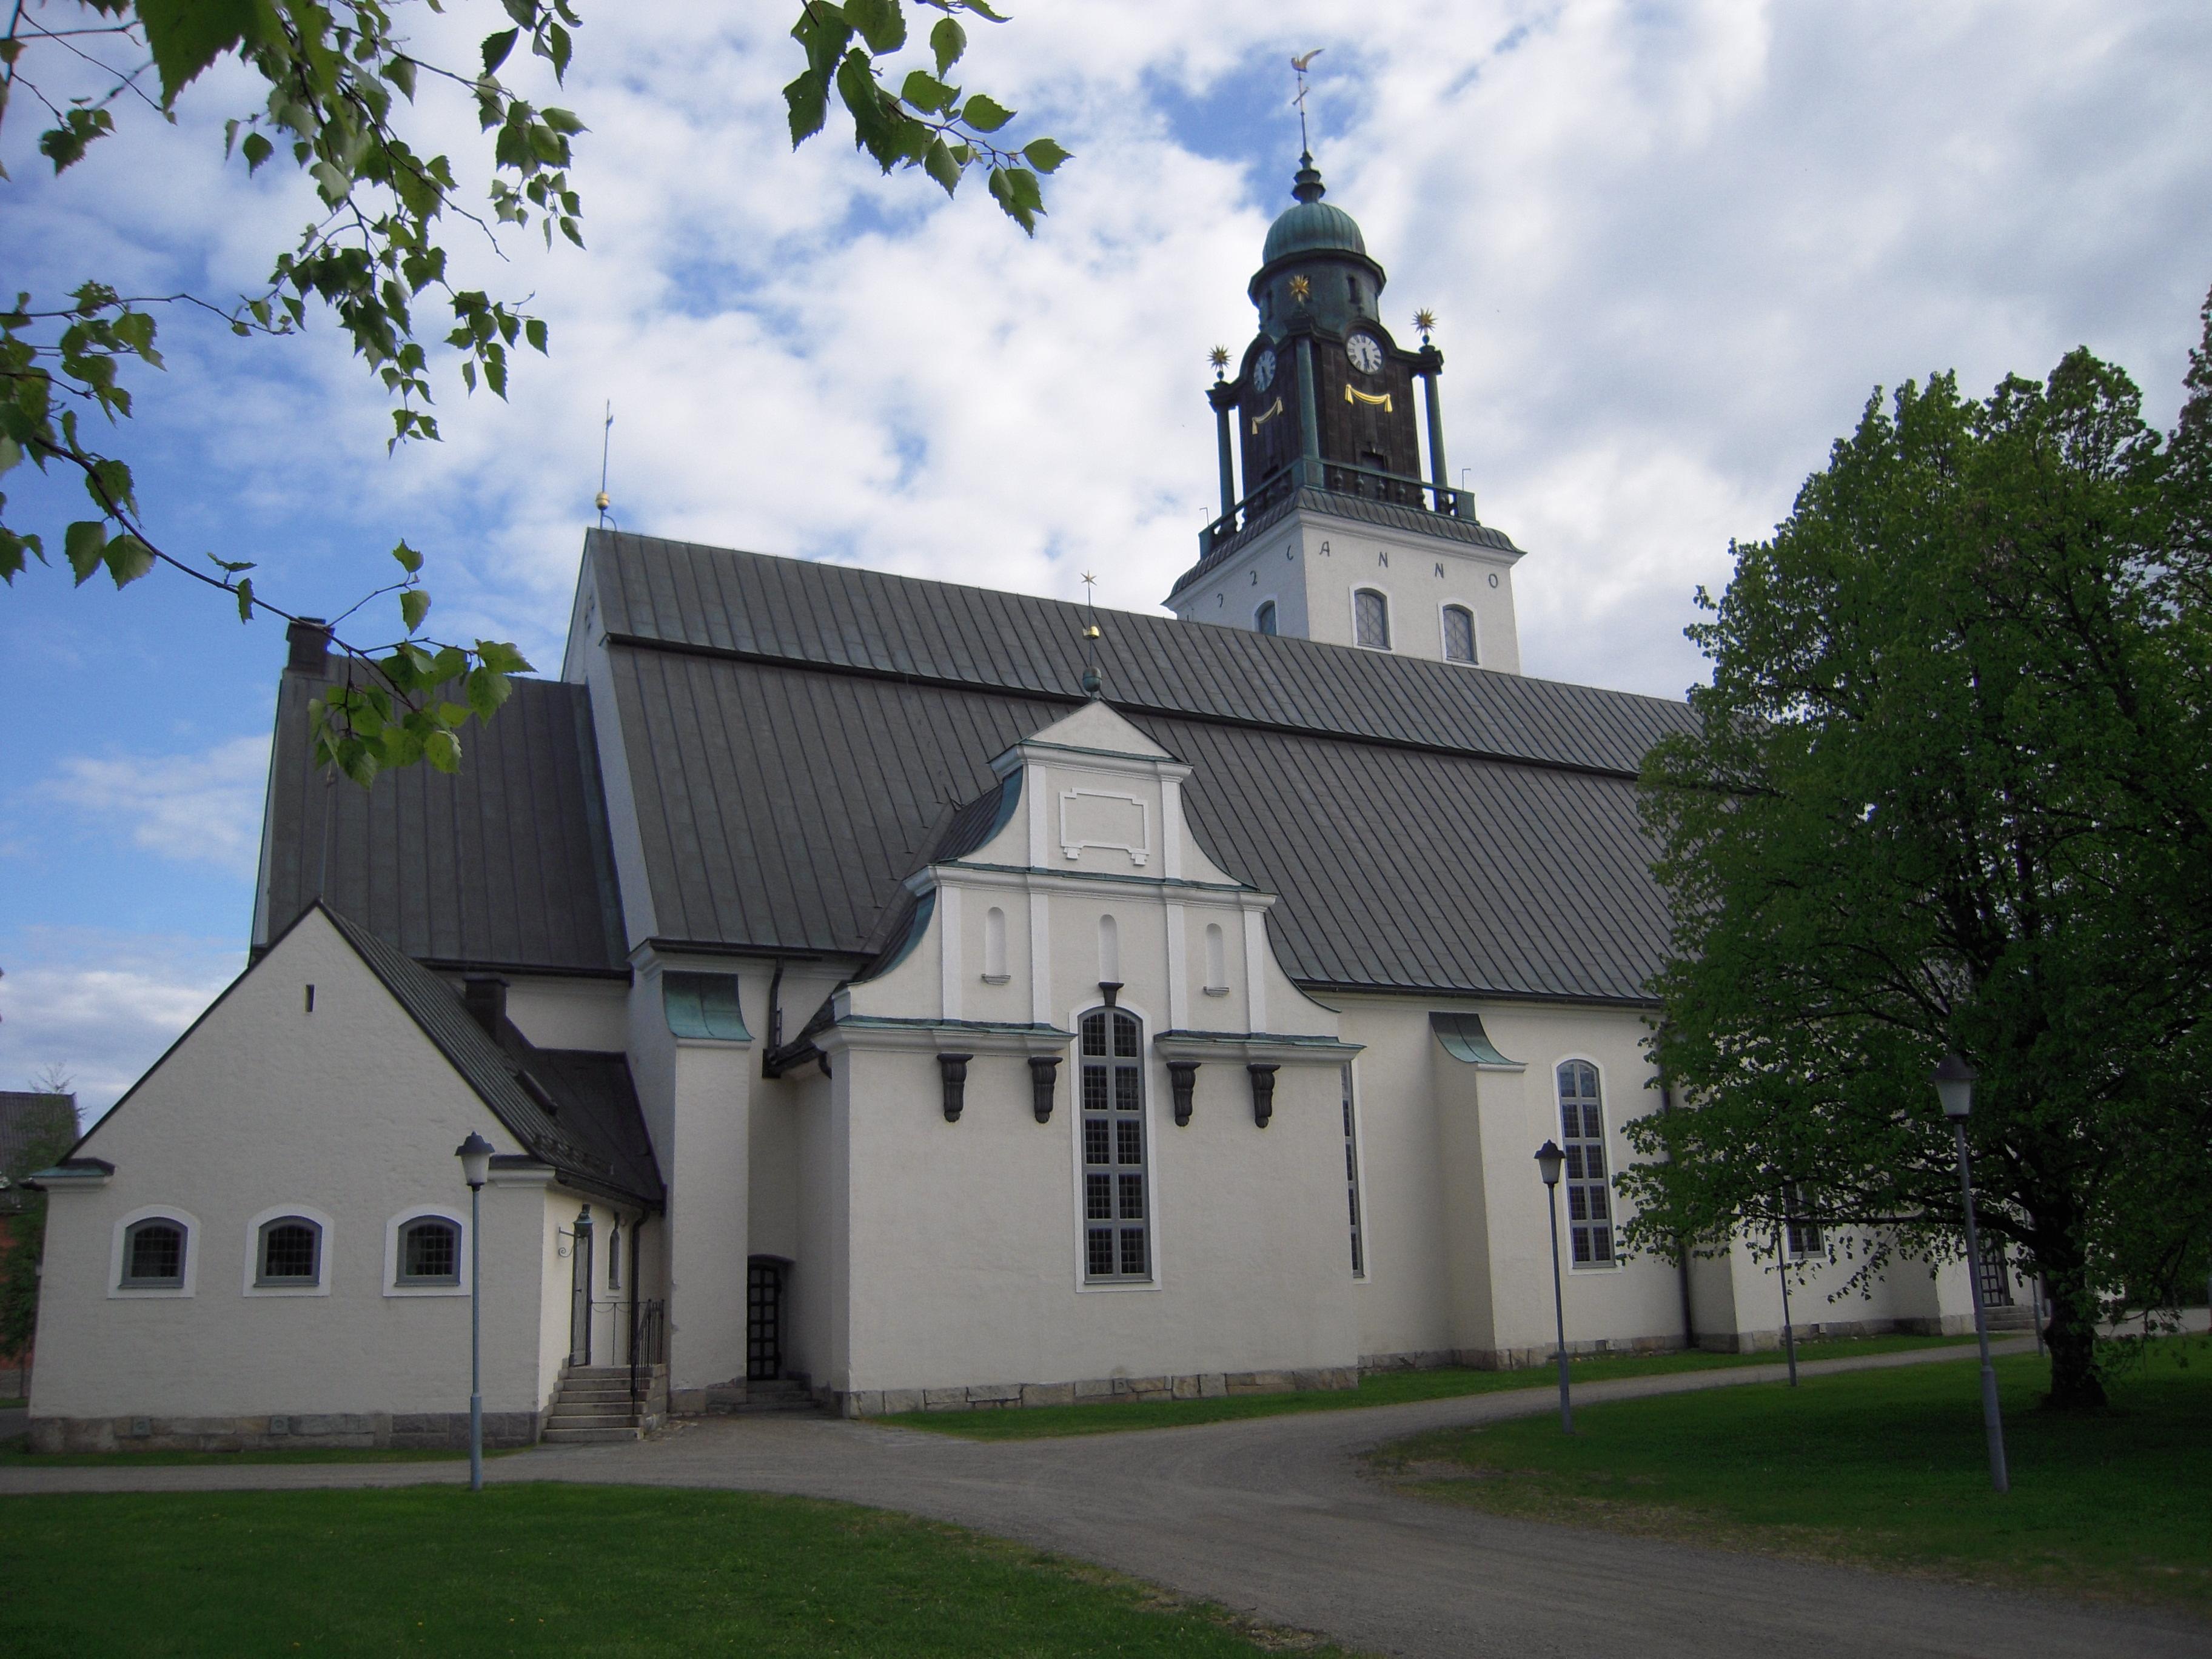 Terse Markevrn, Bodgatan 65, Skellefte | omr-scanner.net